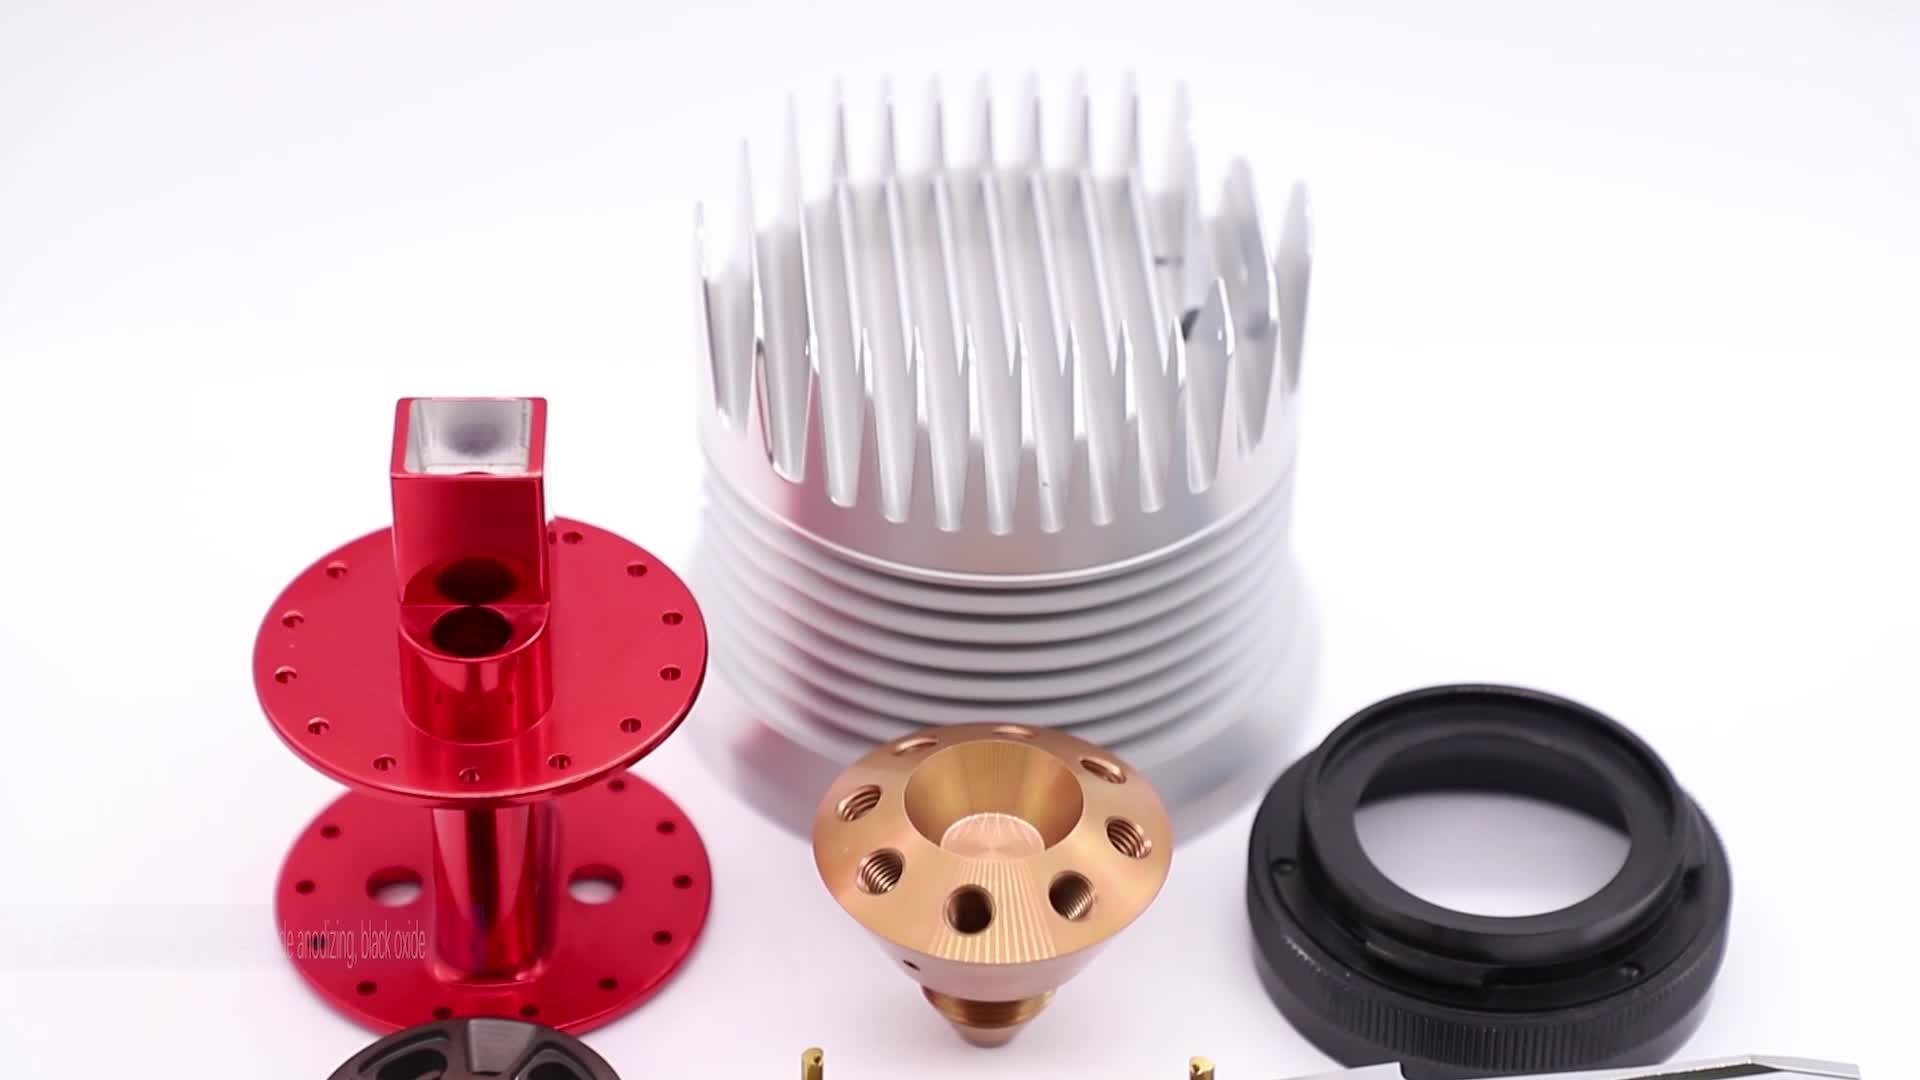 CNC 가공 맞춤형 OEM 터닝 밀링 프로파일 알루미늄 압출 금형